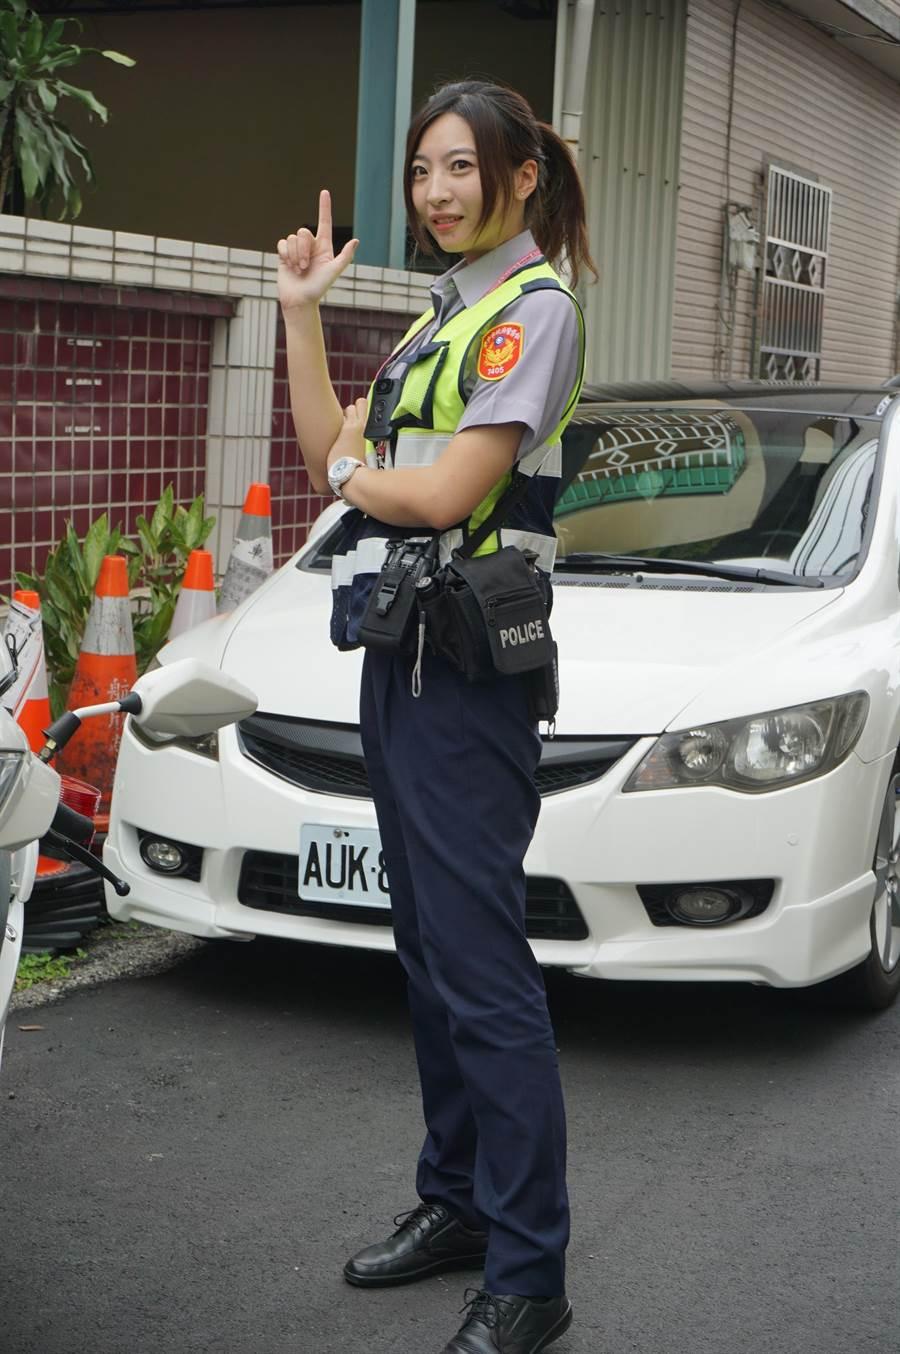 廖姓女警擁有171公分高挑身材,被封為「九頭身警花」。(王文吉攝)